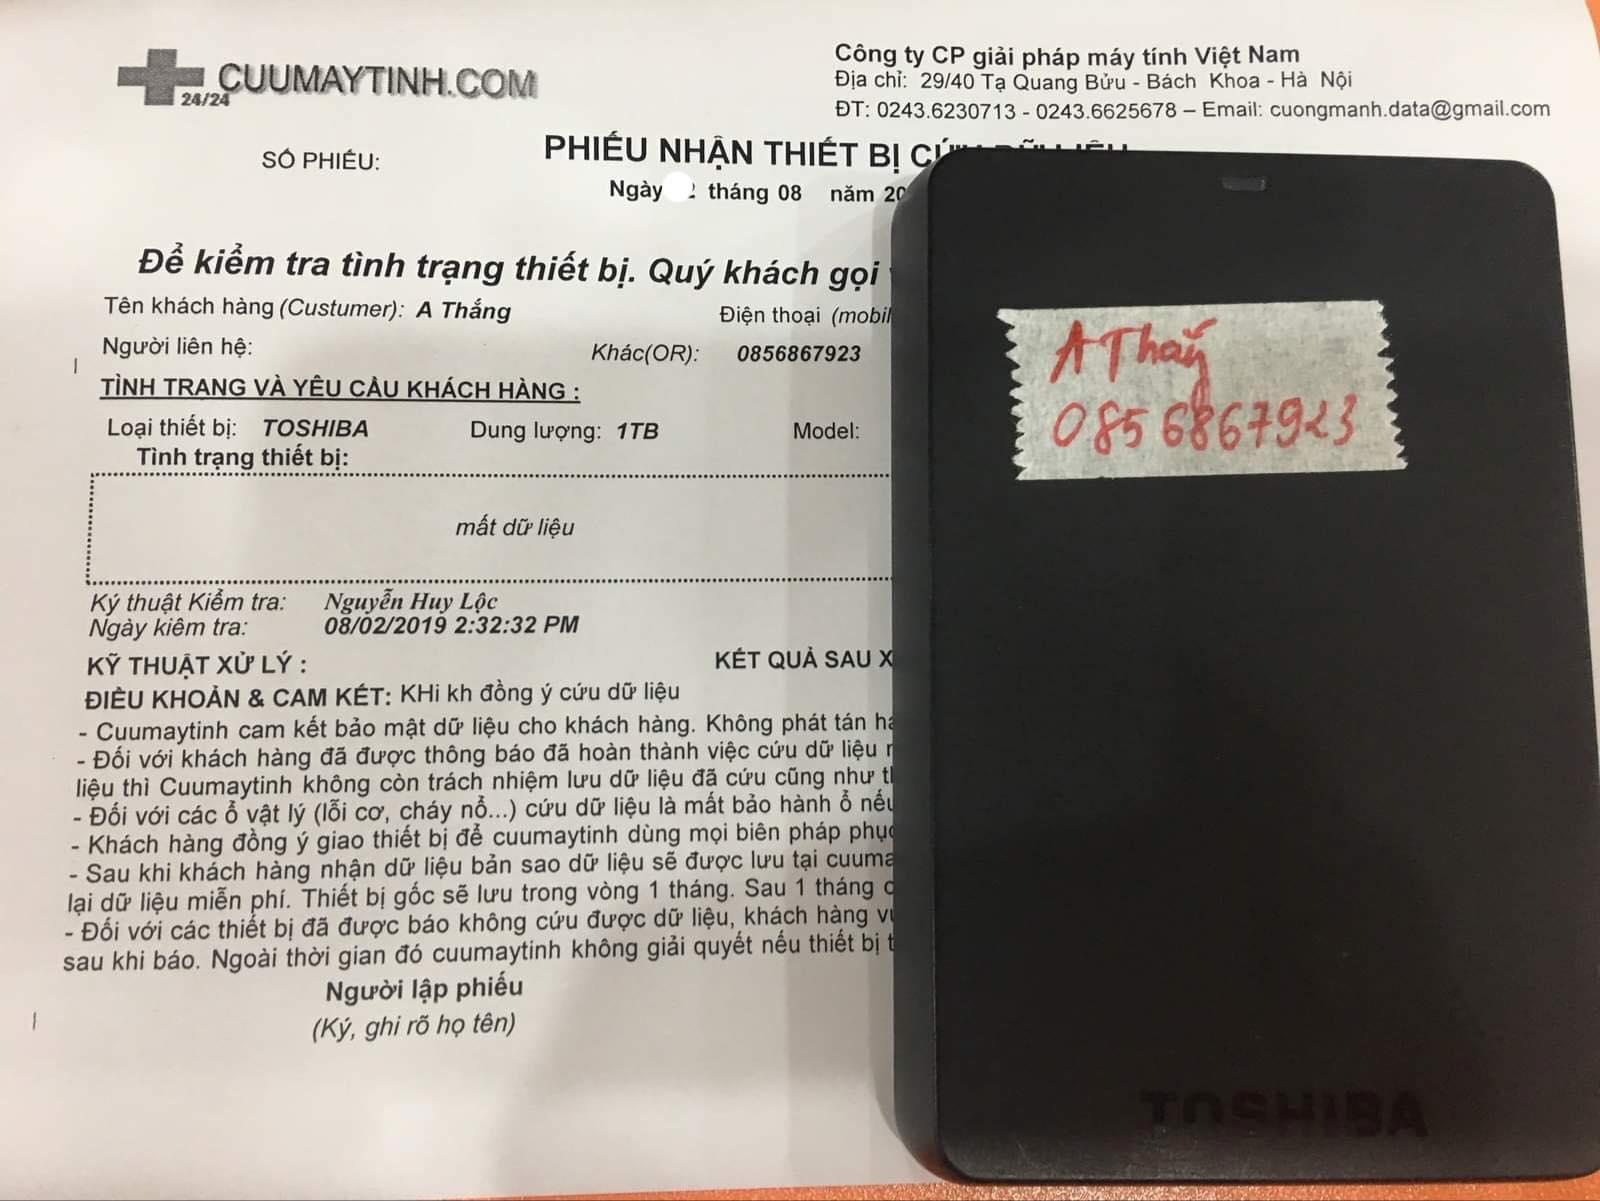 Lấy dữ liệu ổ cứng Toshiba 1TB mất dữ liệu 24/08/2019 - cuumaytinh